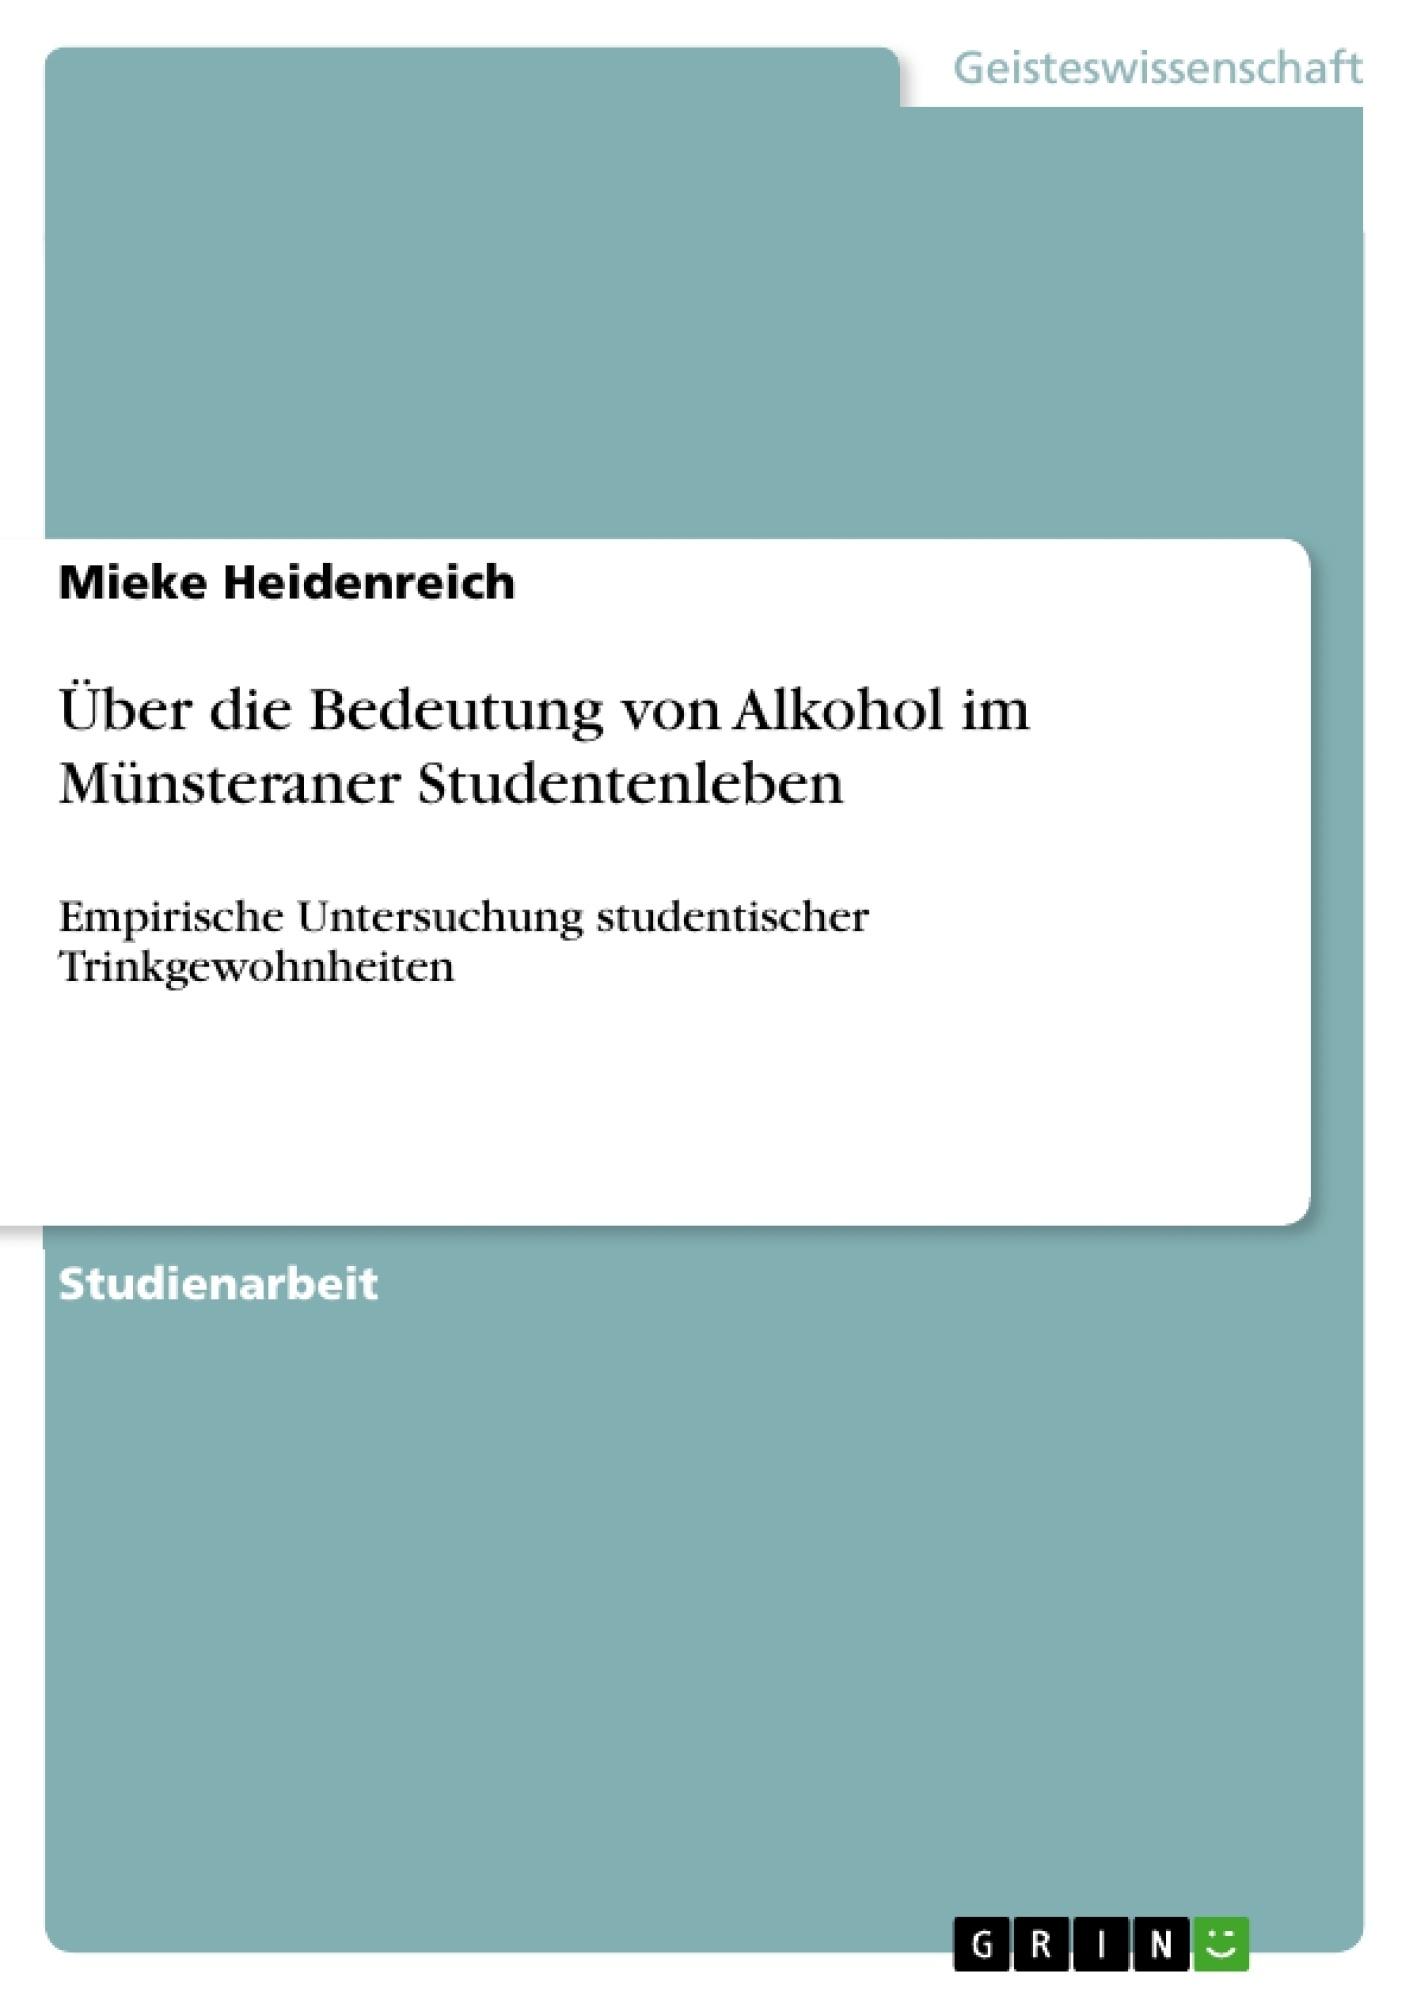 Titel: Über die Bedeutung von Alkohol im Münsteraner Studentenleben